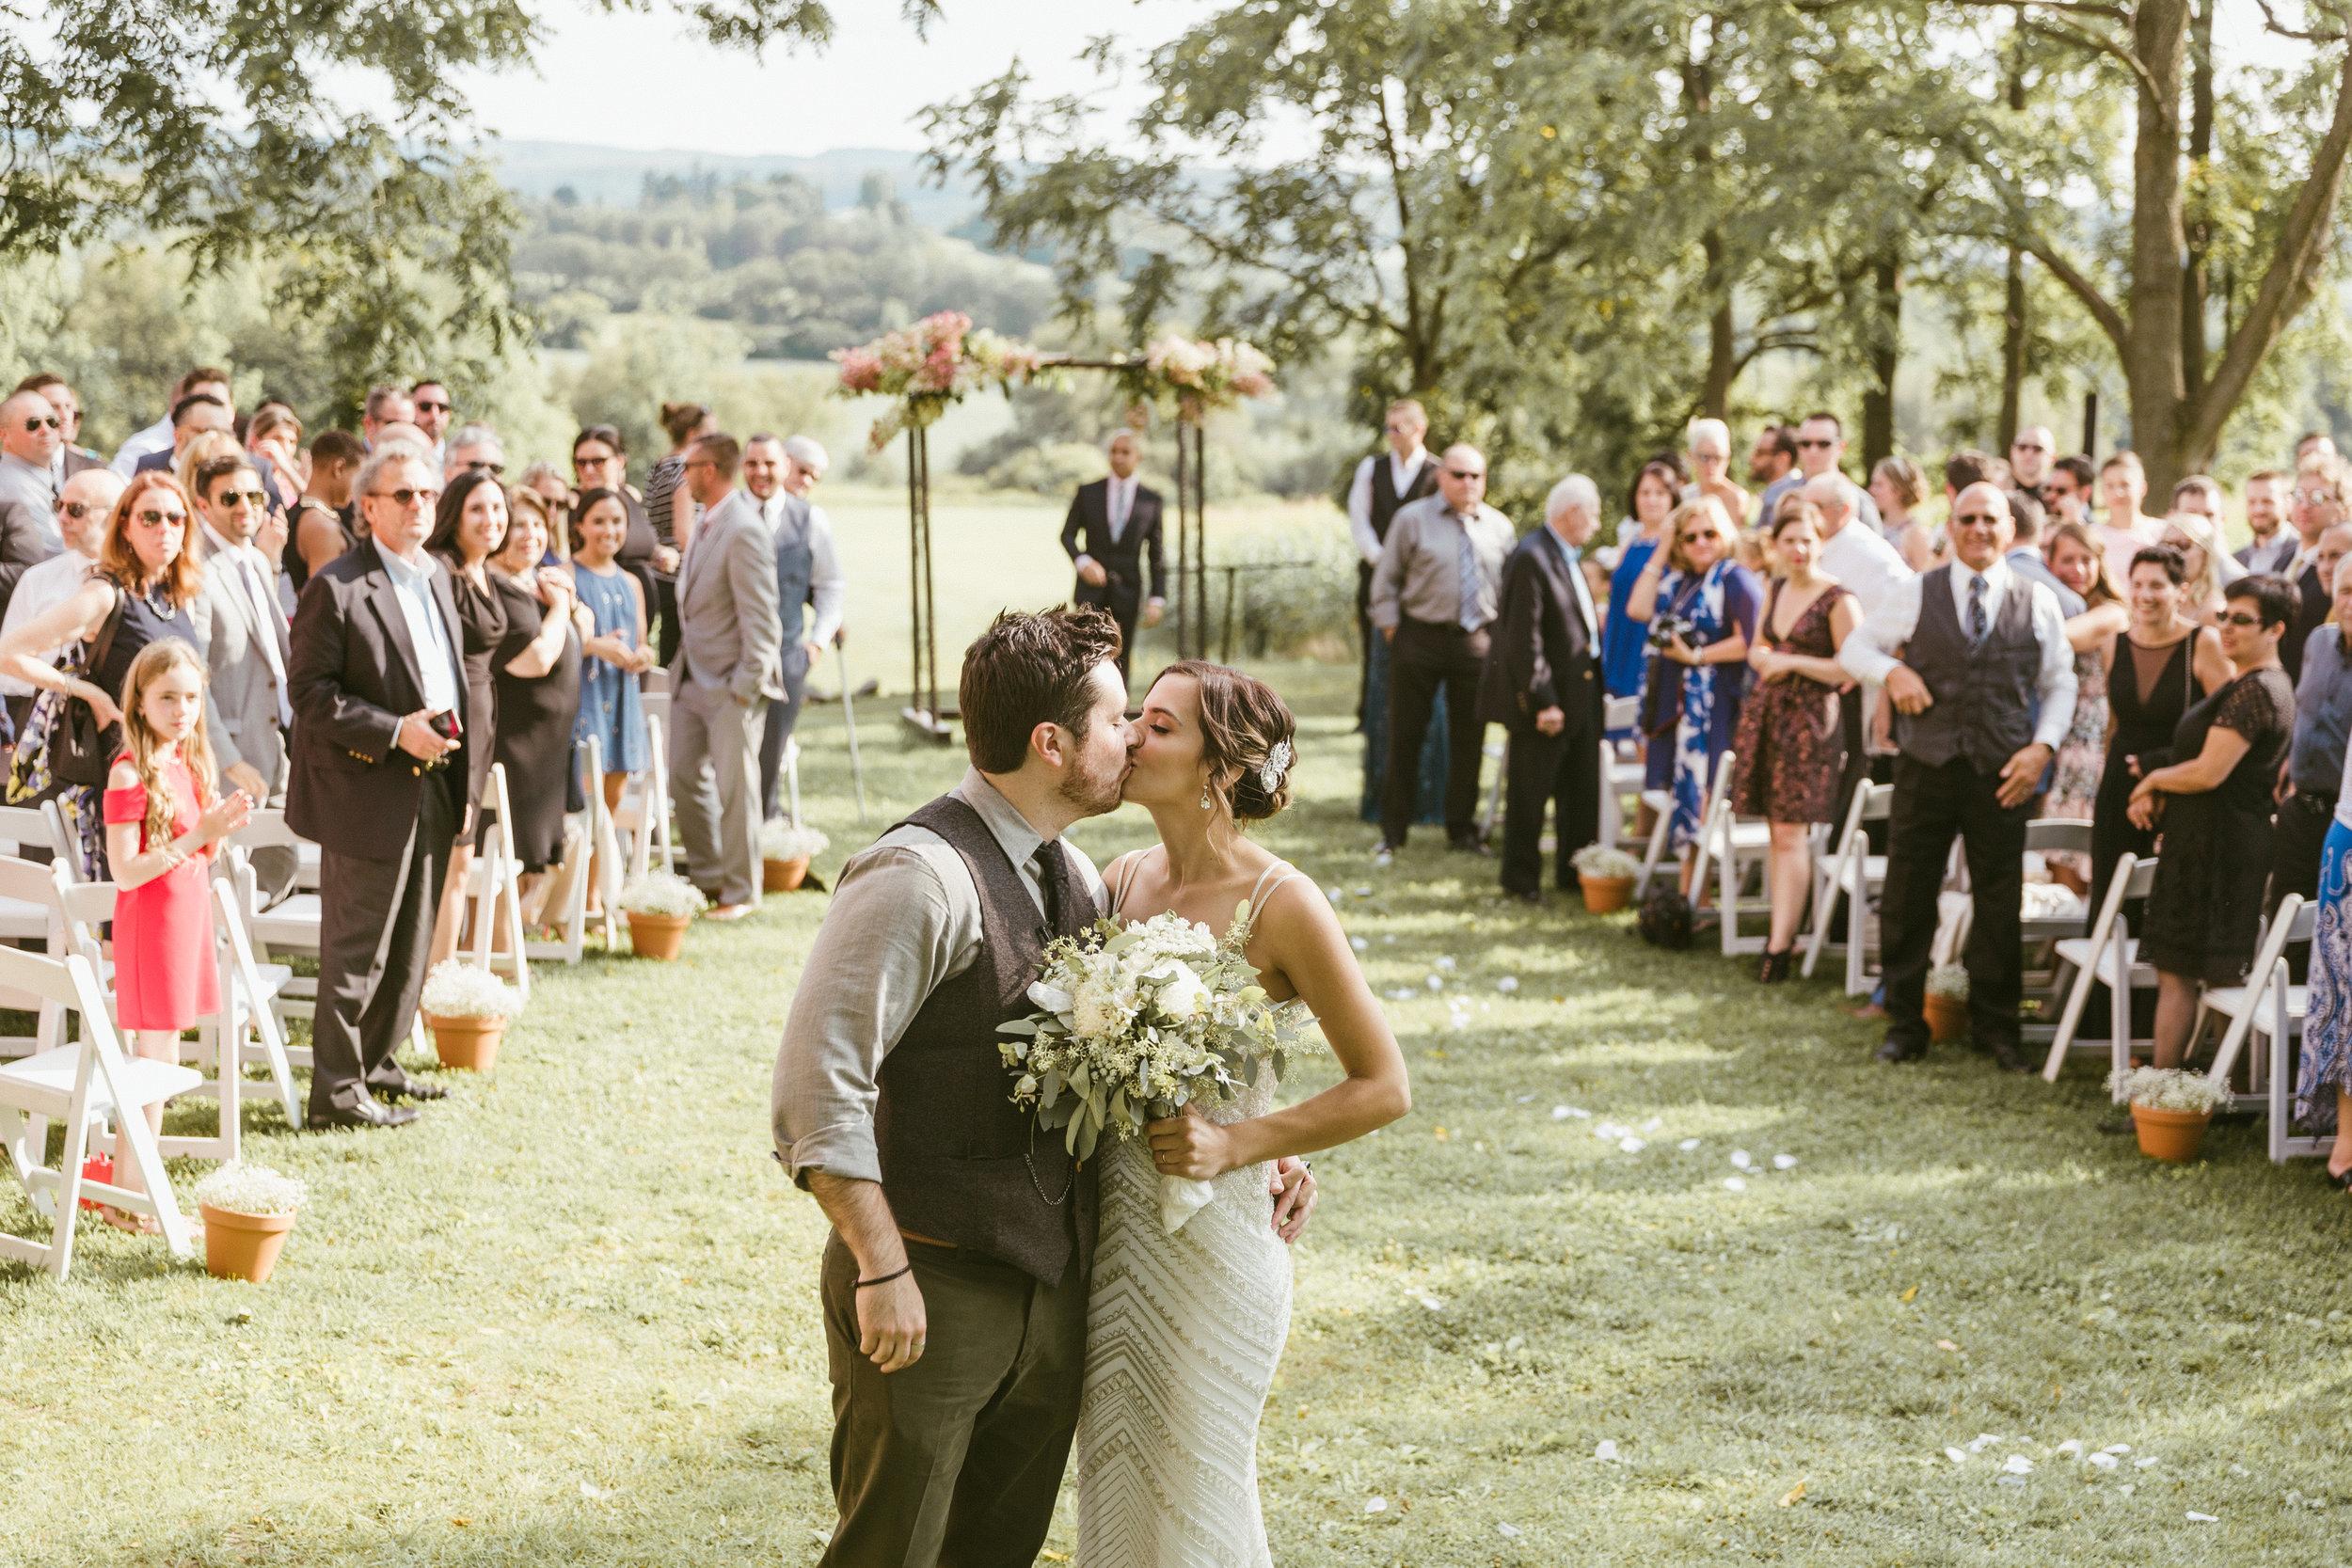 RUSTIC GLAM BARN WEDDING -